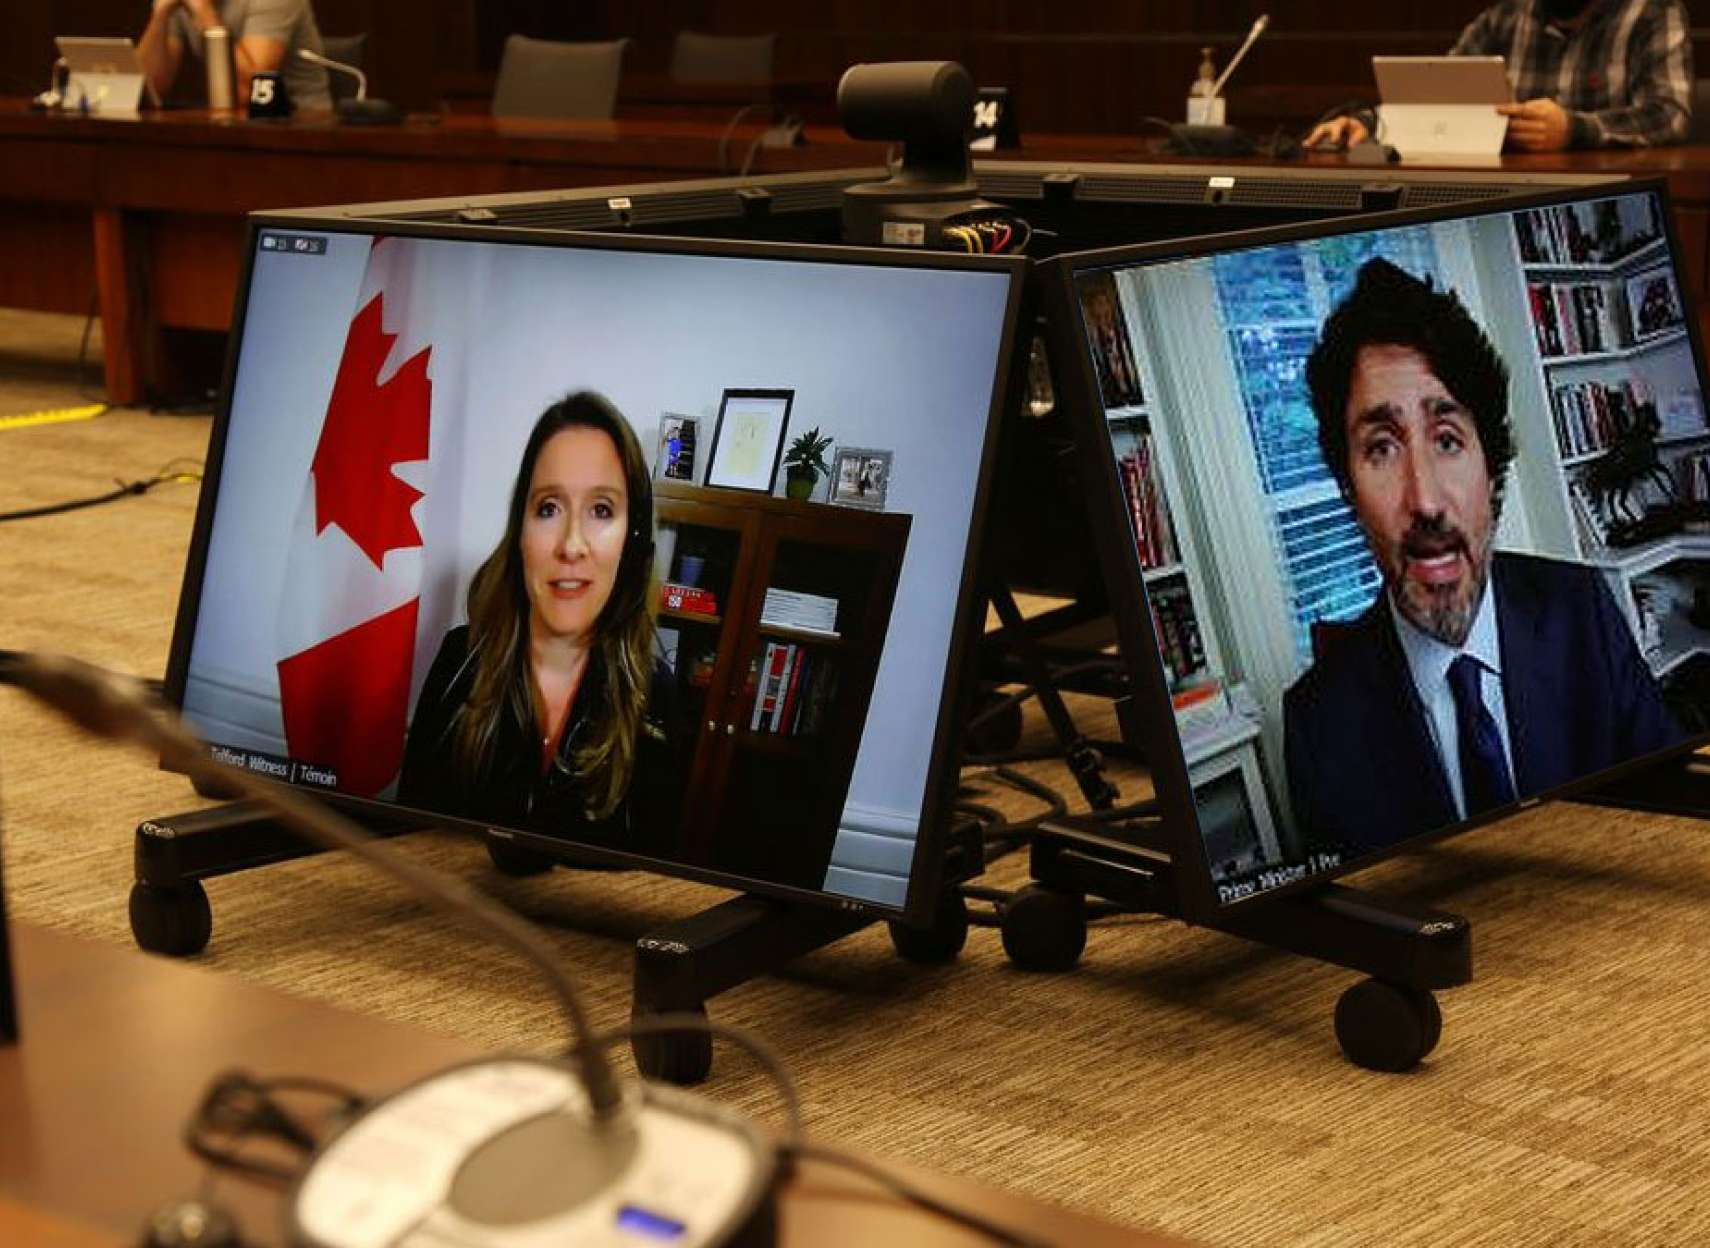 اخبار-کانادا-ترودو-درباره-رسوایی-وی-در-مجلس-کانادا-شهادت-داد